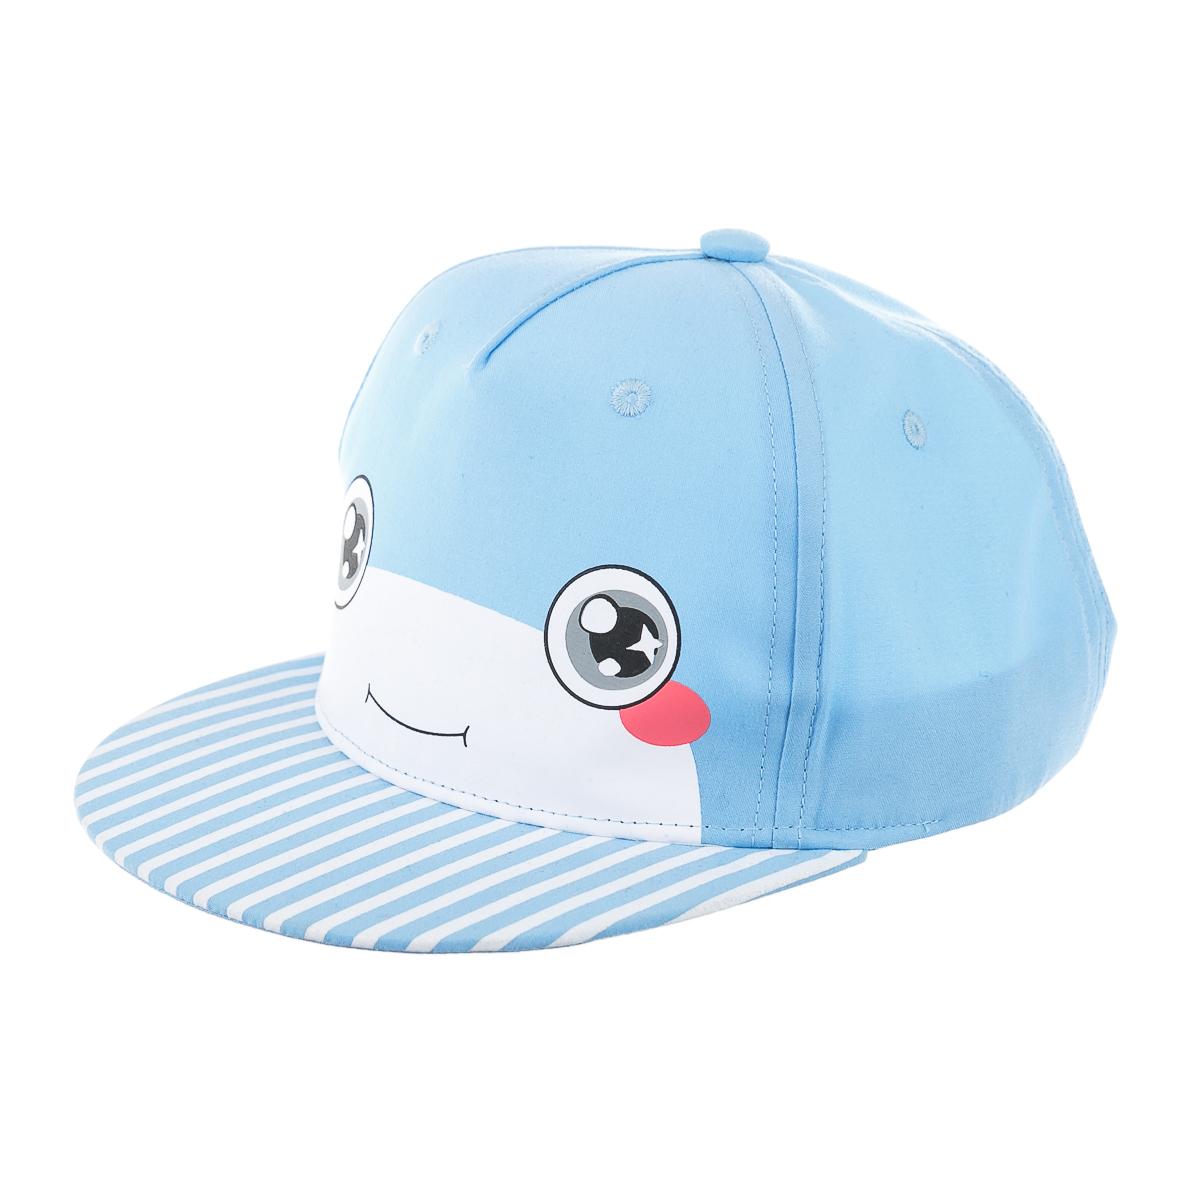 Детская кепка для прогулки, с мордочкой, голубая